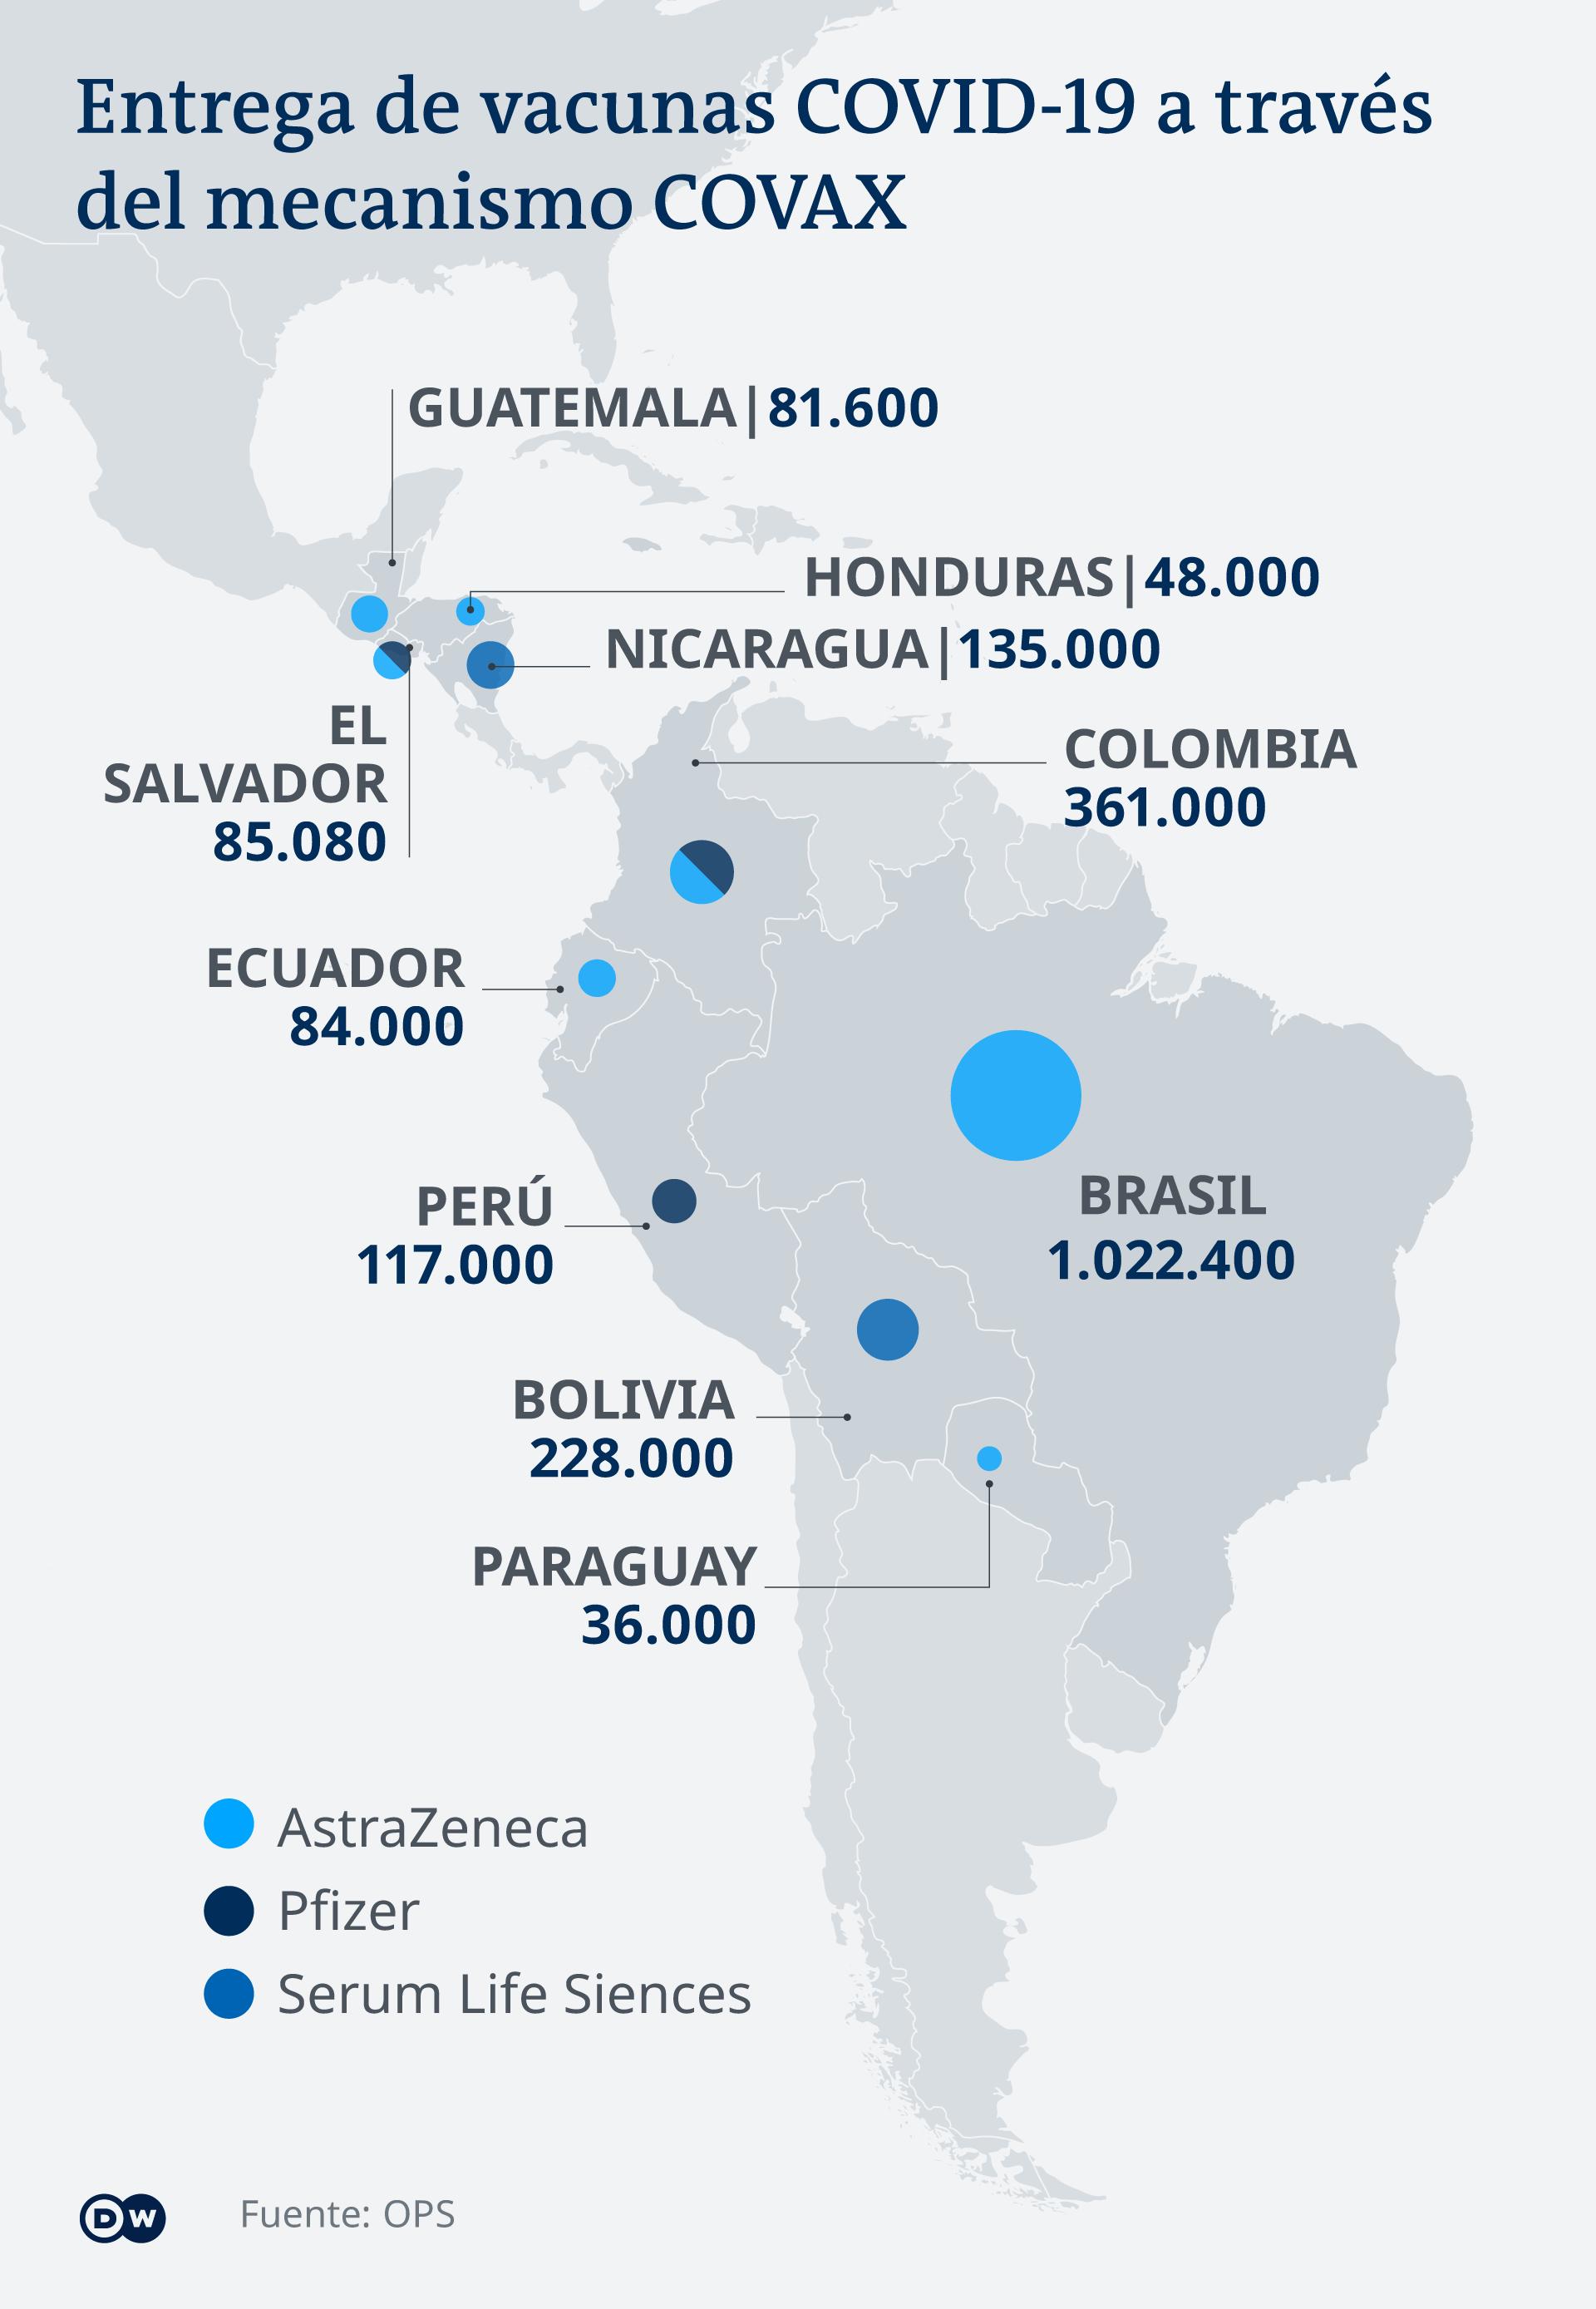 Infografik Lieferung Covid-19 Impfstoffe nach Lateinamerika ES